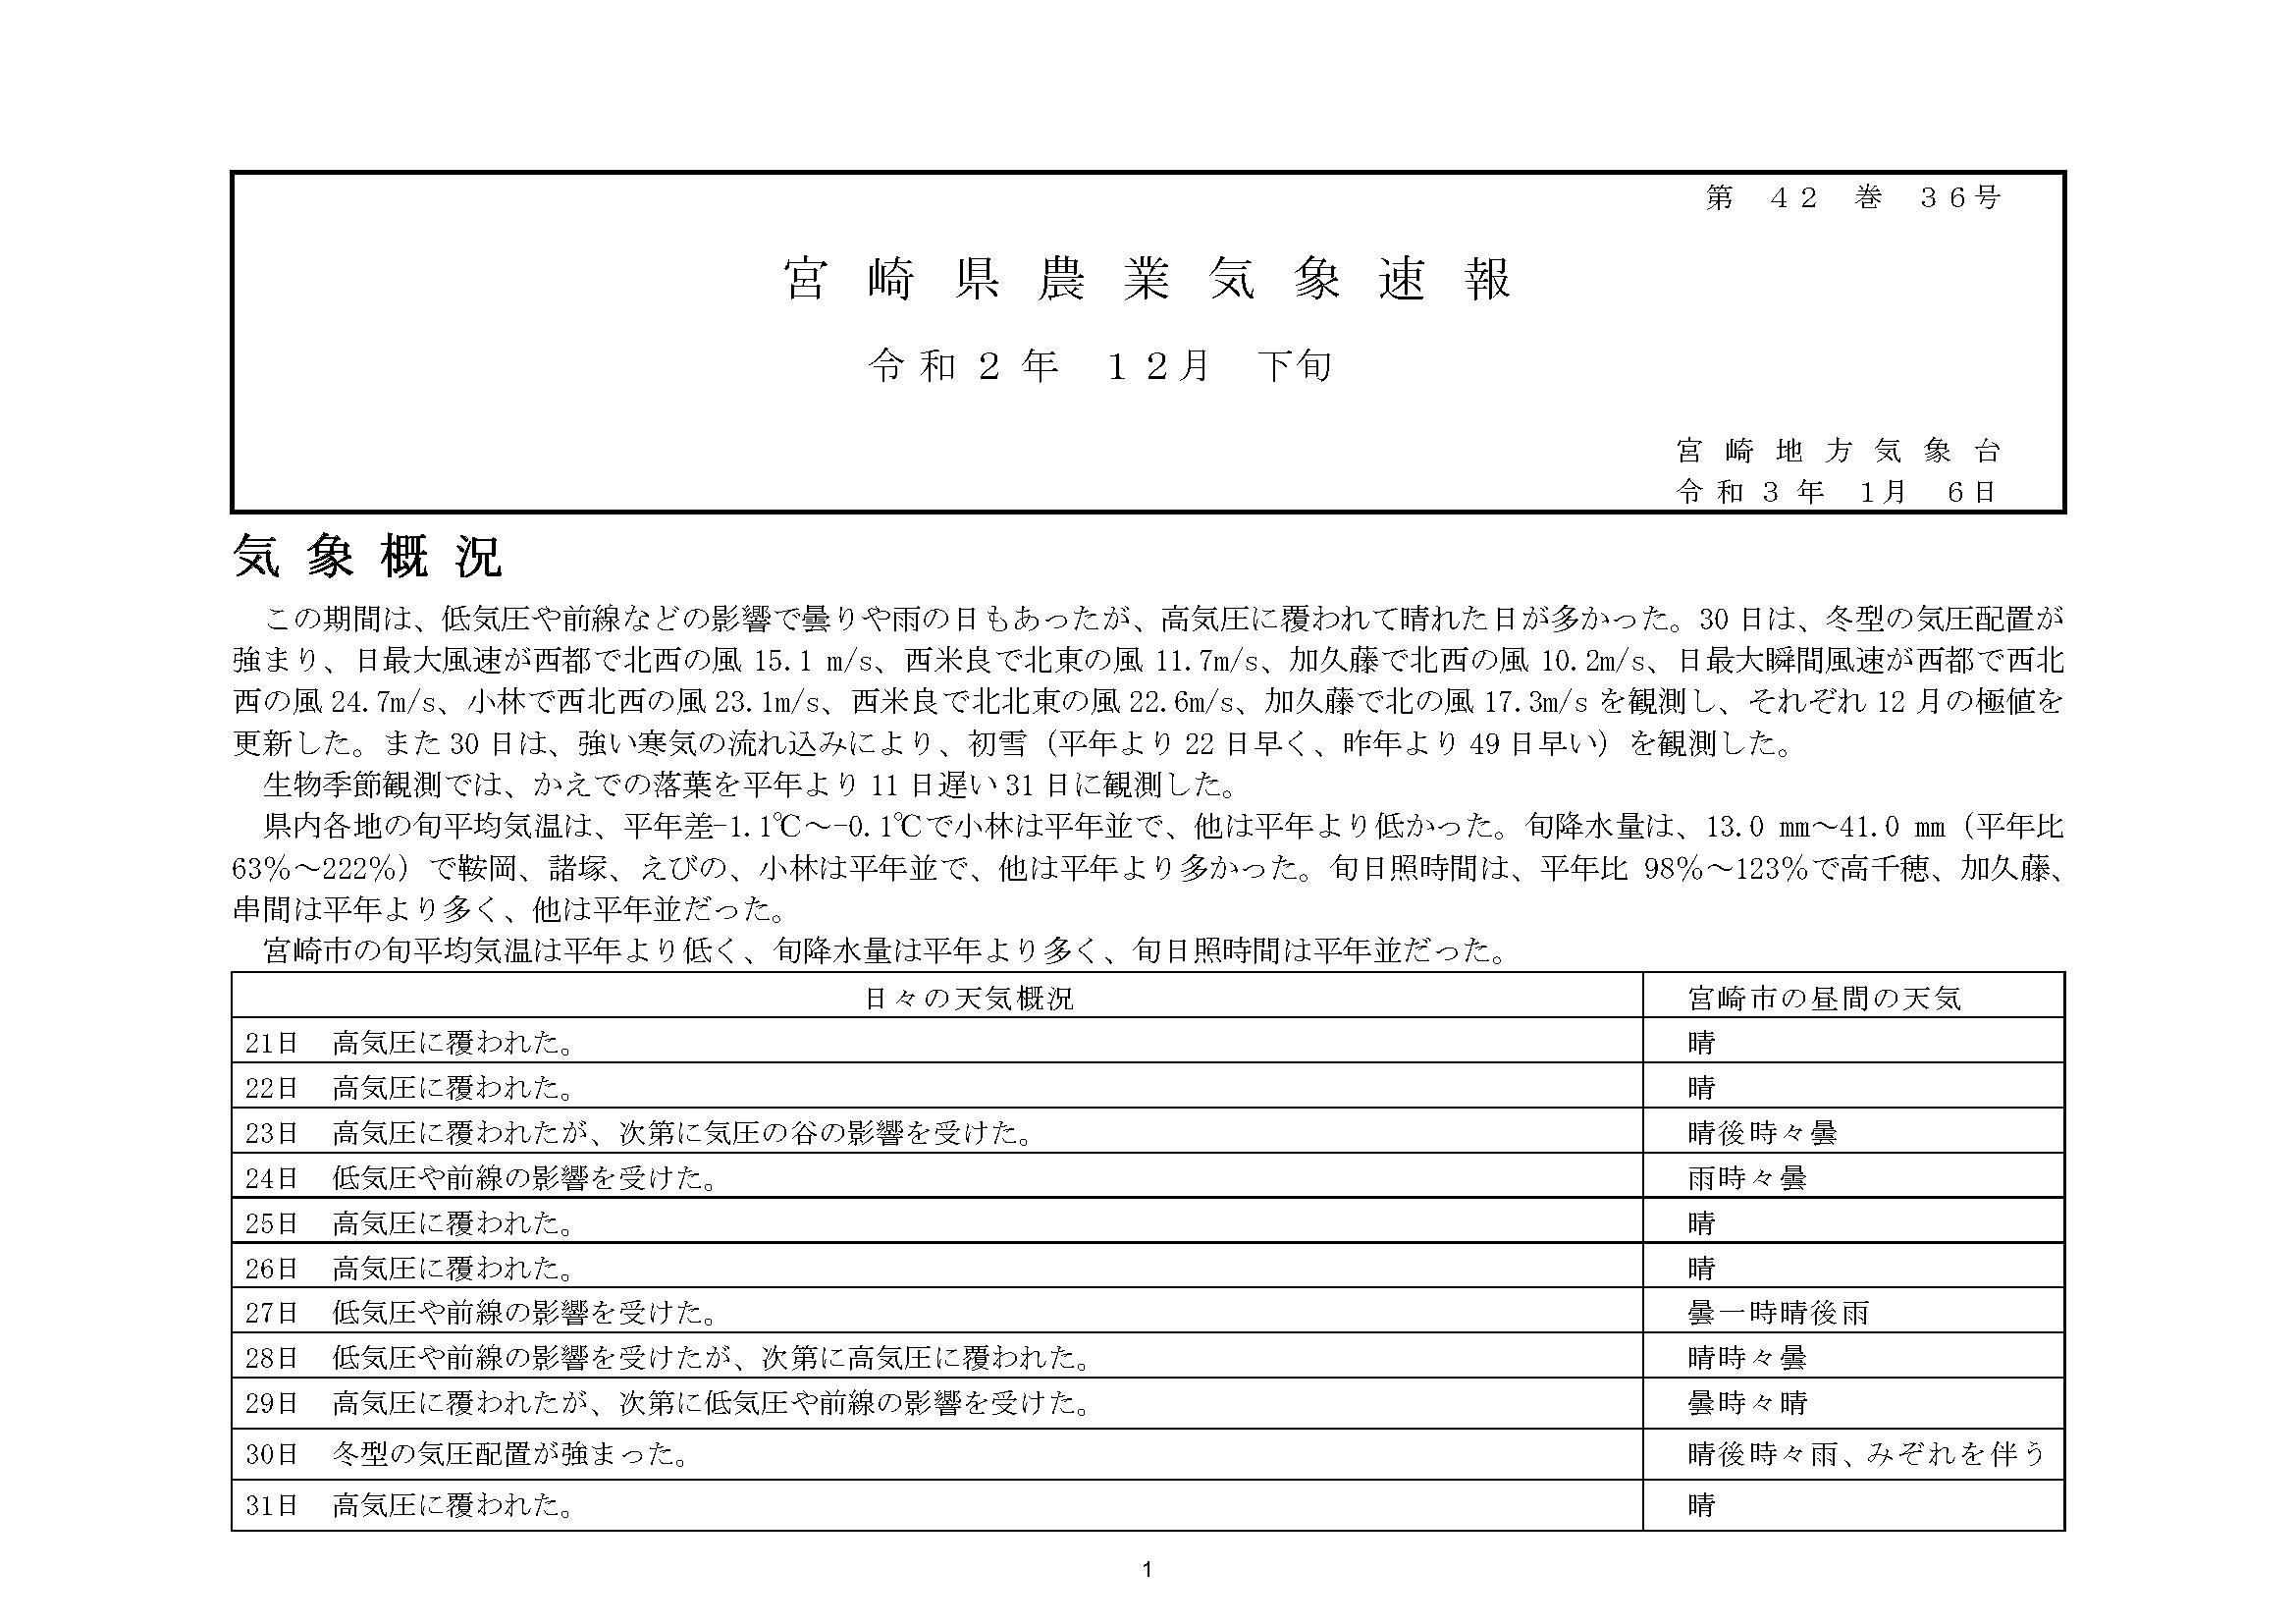 宮崎県農業気象速報令和2年11月下旬PDF